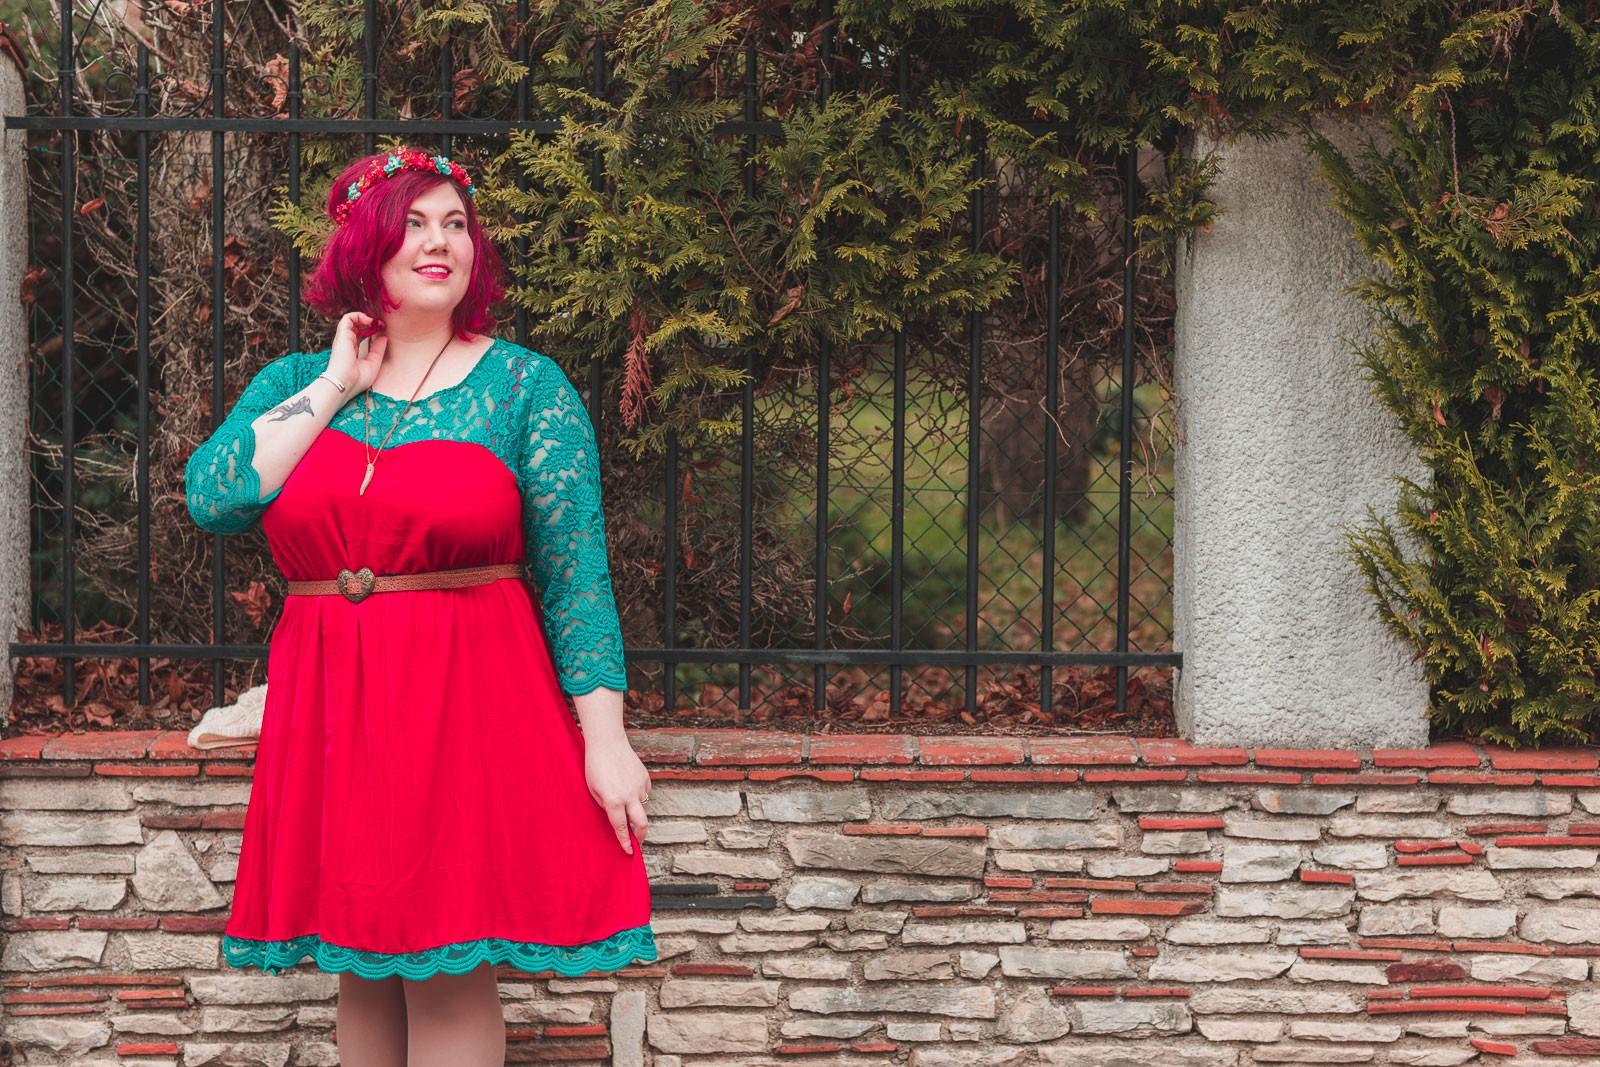 ninaah bulles, couture, couturette, grande taille patron diy, fait main, réveillon, robe